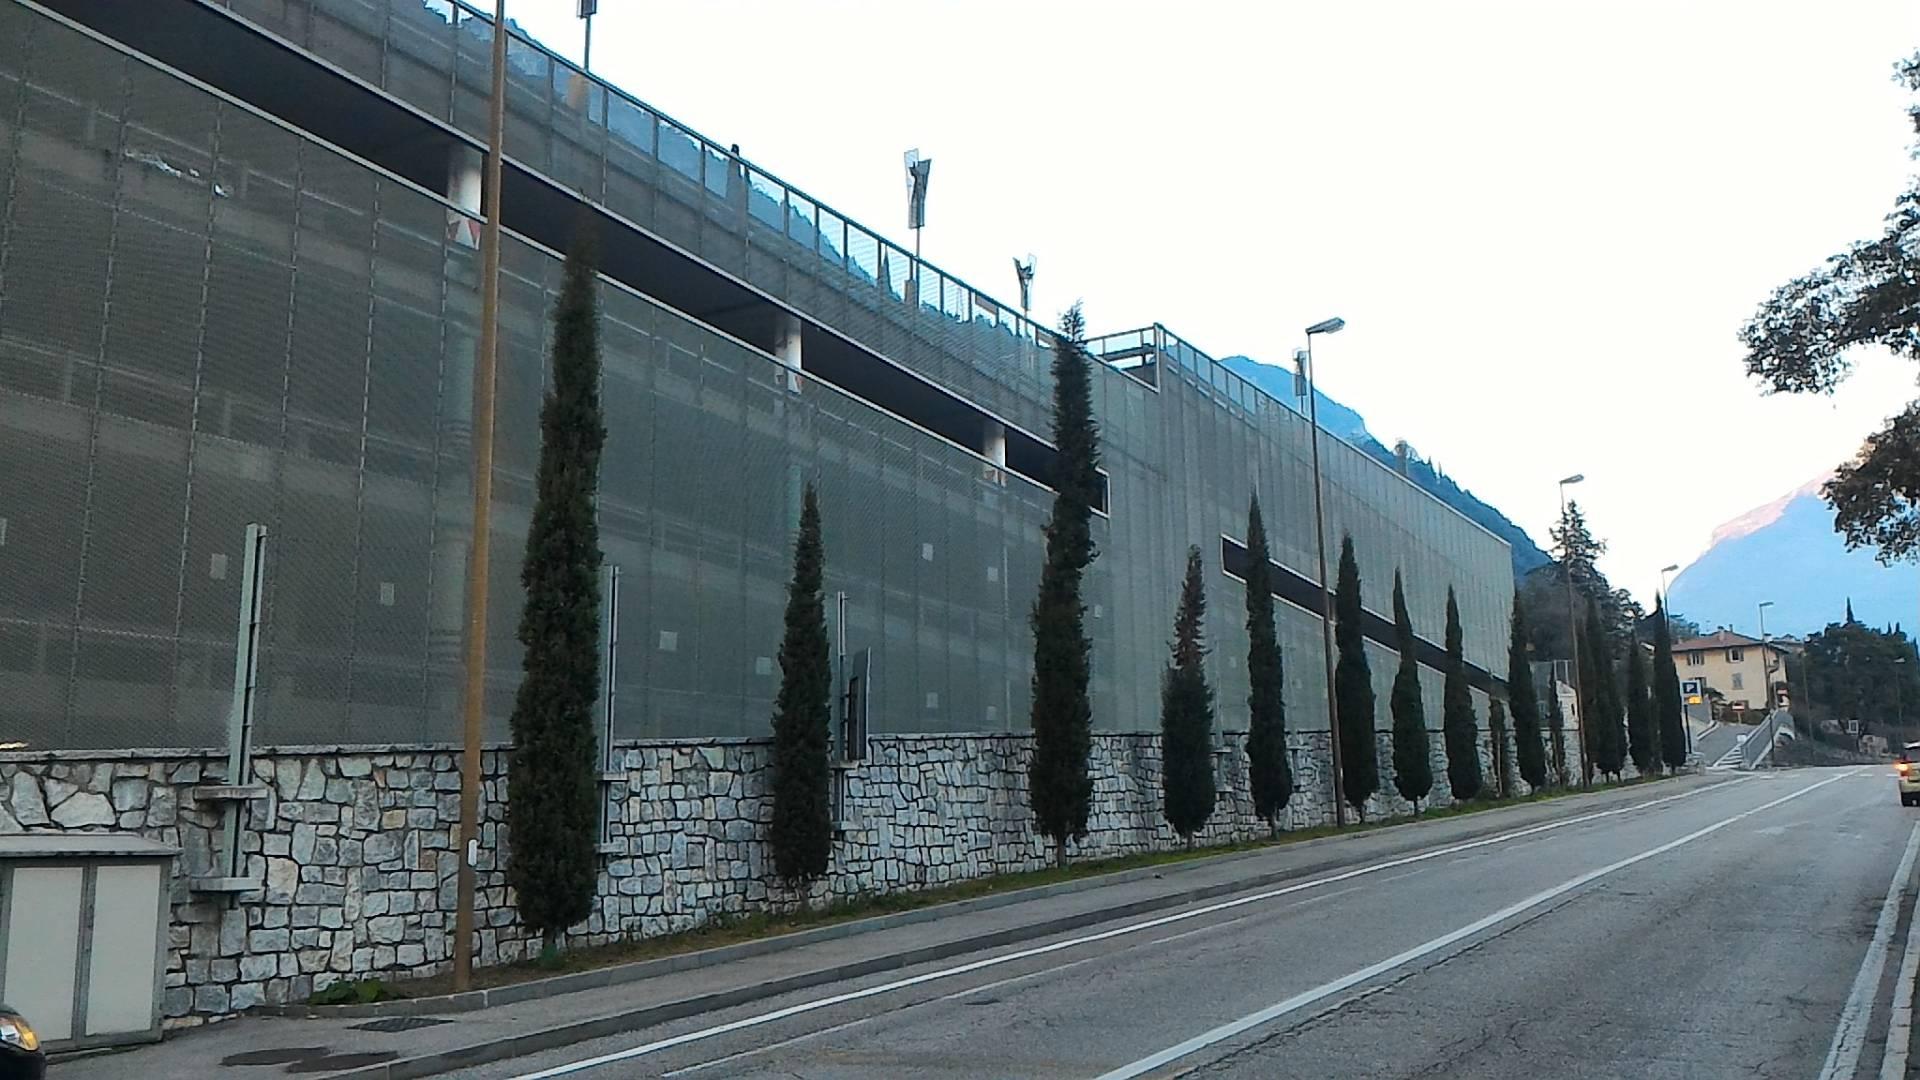 Appartamento in vendita a Riva del Garda, 1 locali, zona Zona: Riva, Trattative riservate | CambioCasa.it